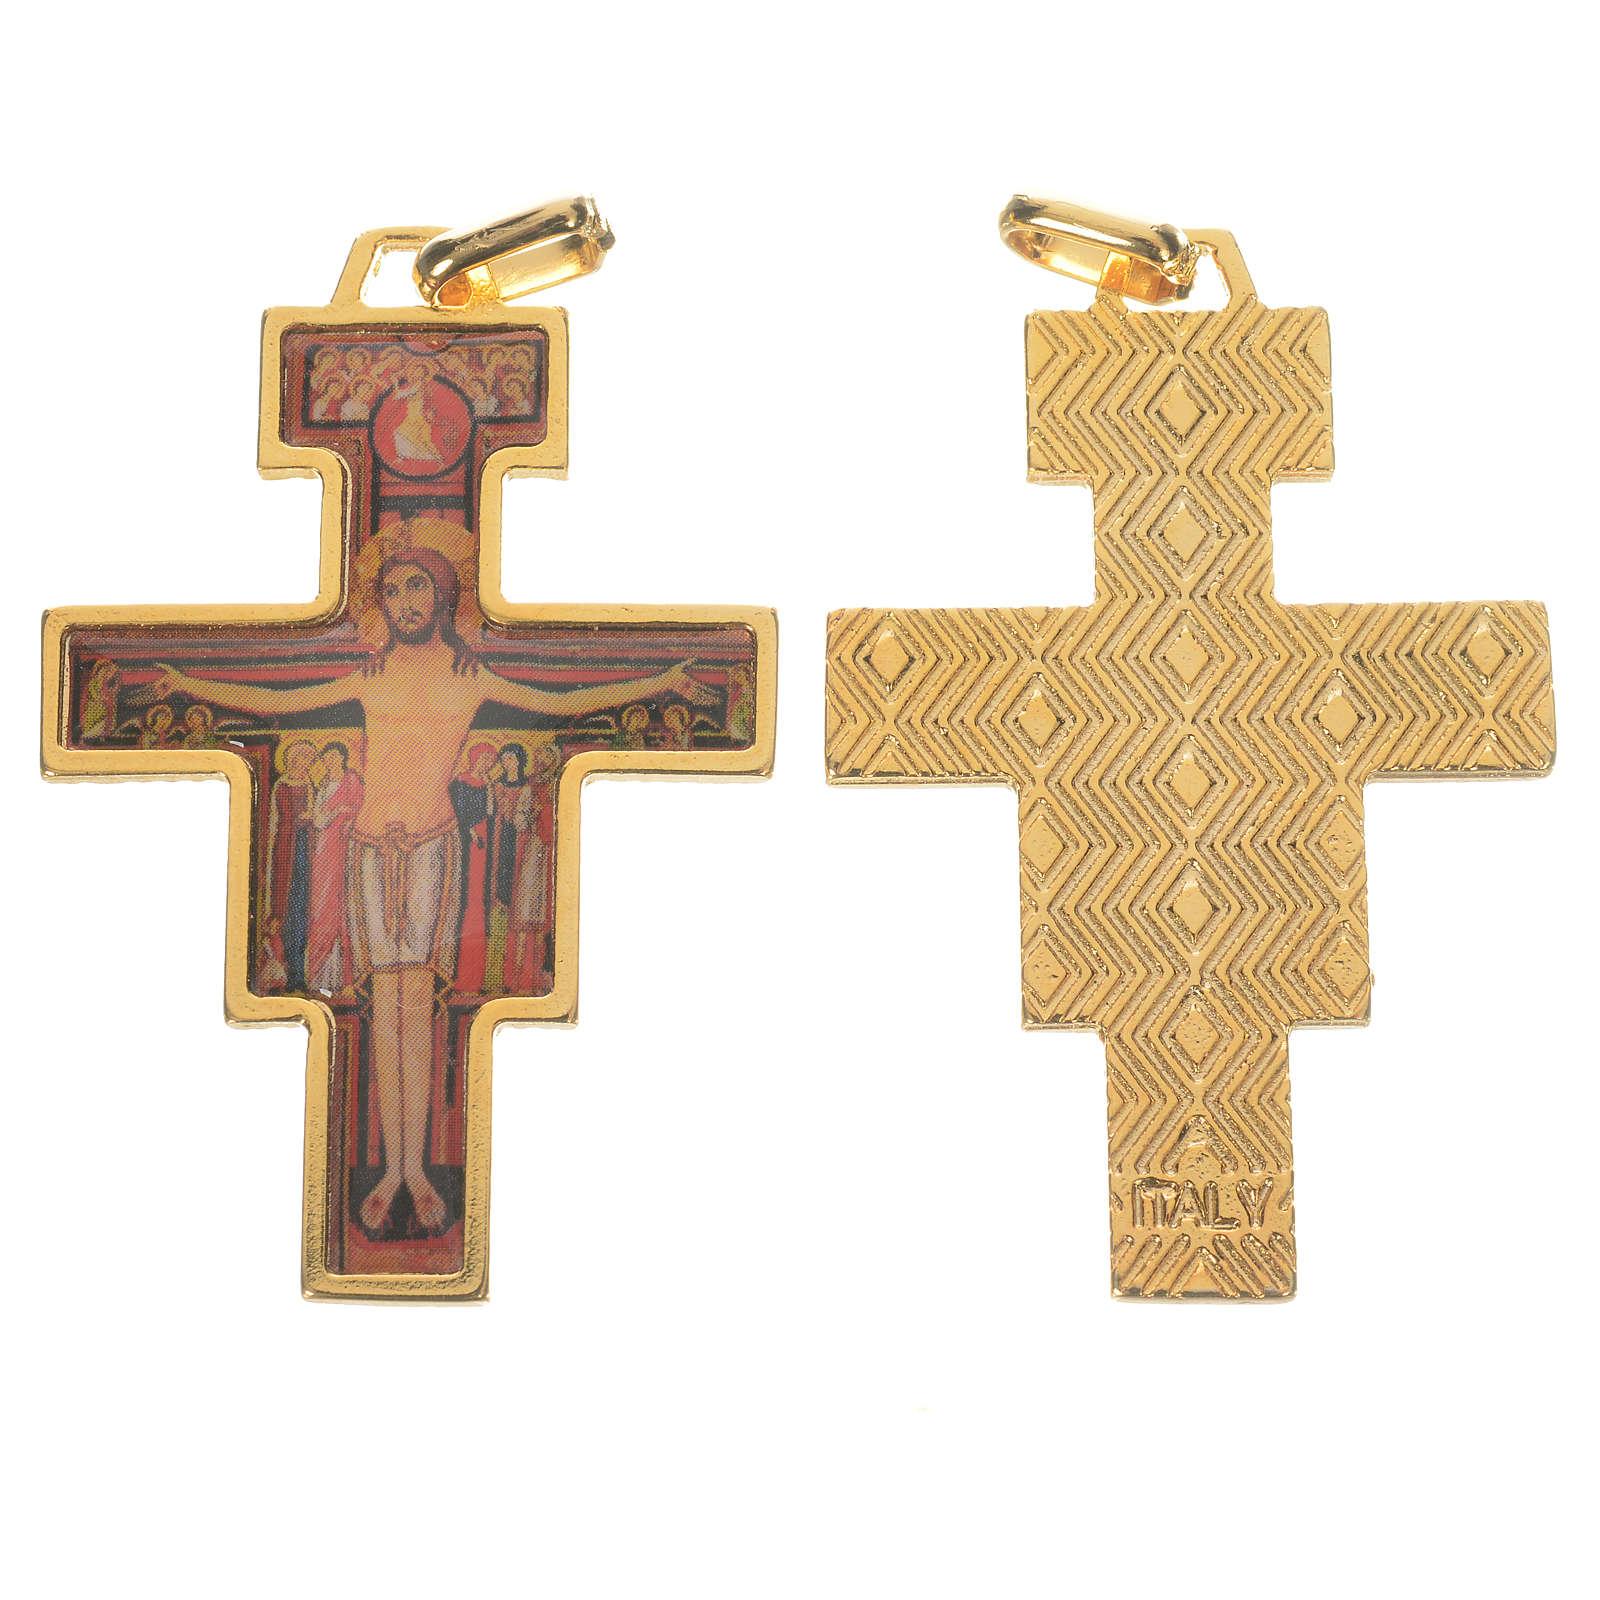 Golden Saint Damien cross with image 4